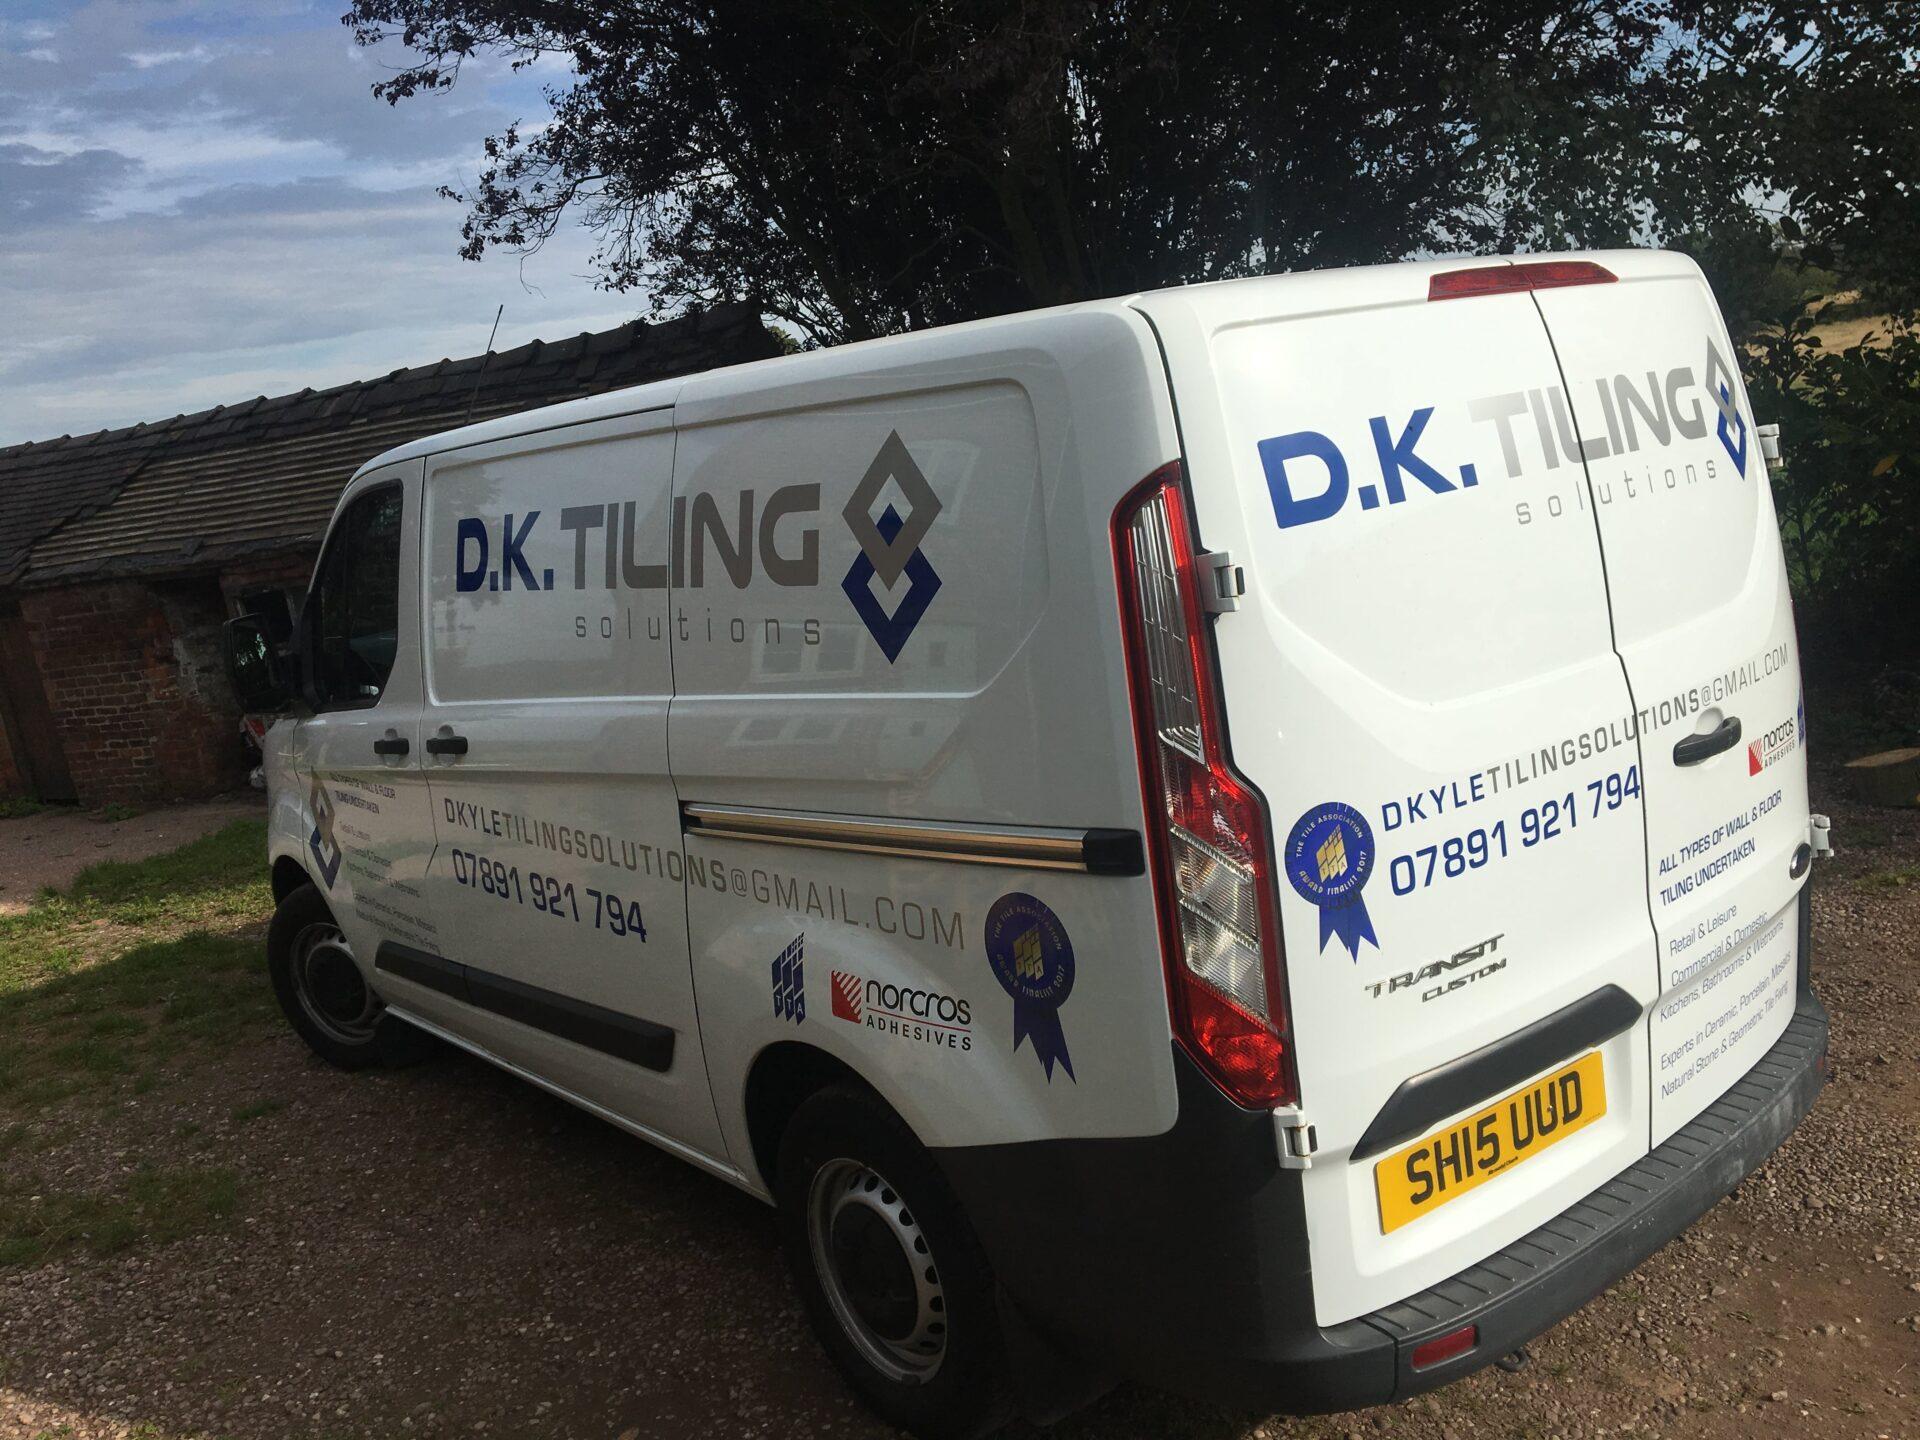 DK Tiling Solutions